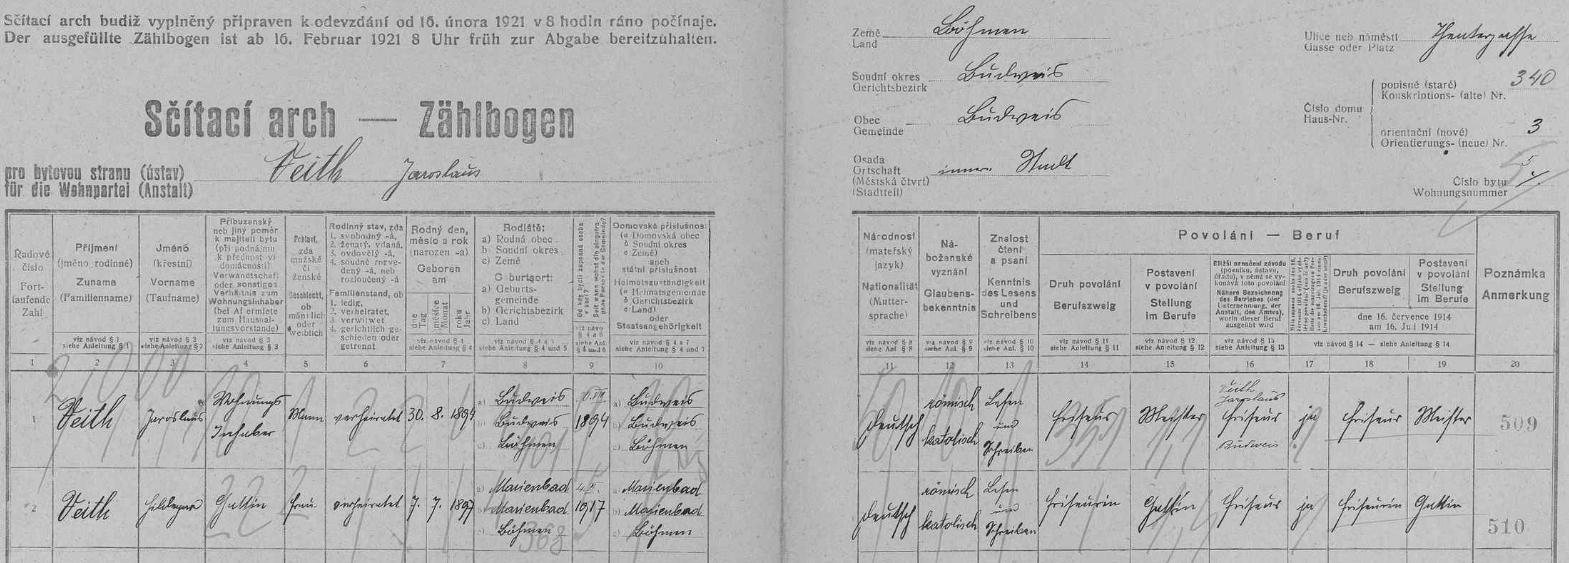 Arch sčítání lidu z roku 1921 pro českobudějovický dům čp. 340 (Divadelní ulice čp. 3), kde žil s manželkou Hildegard